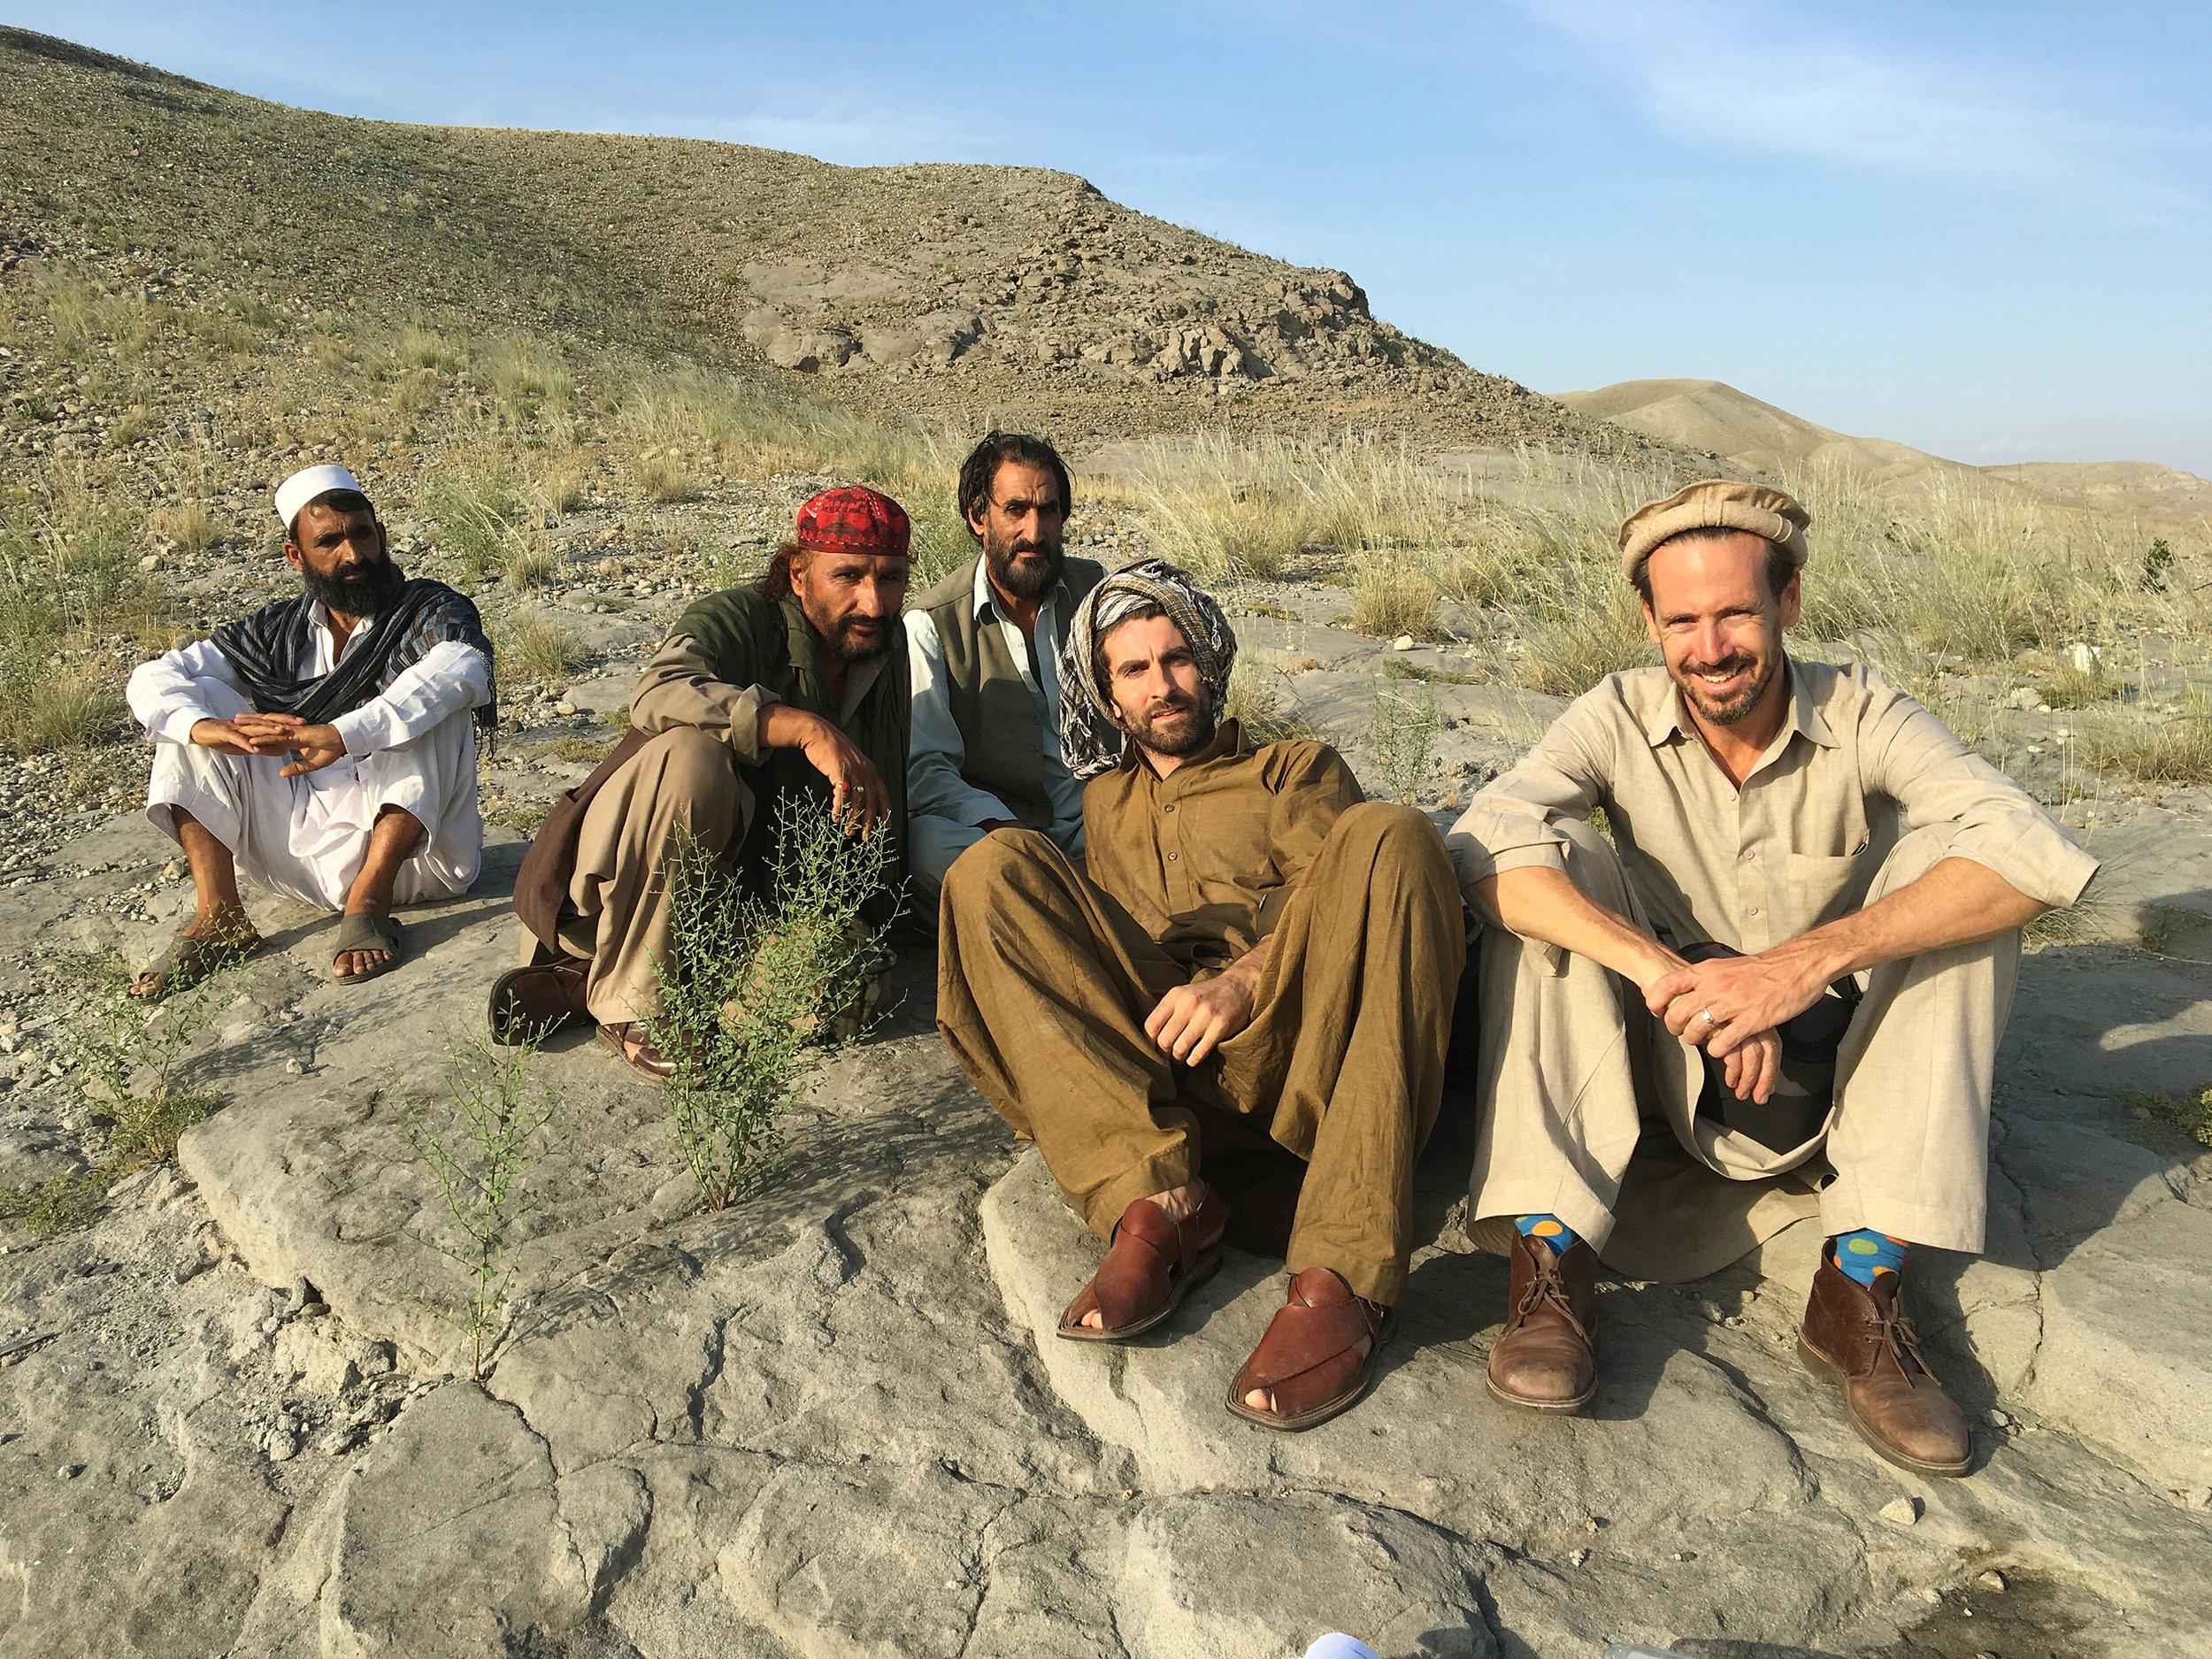 Jirga_BTS_023.jpg